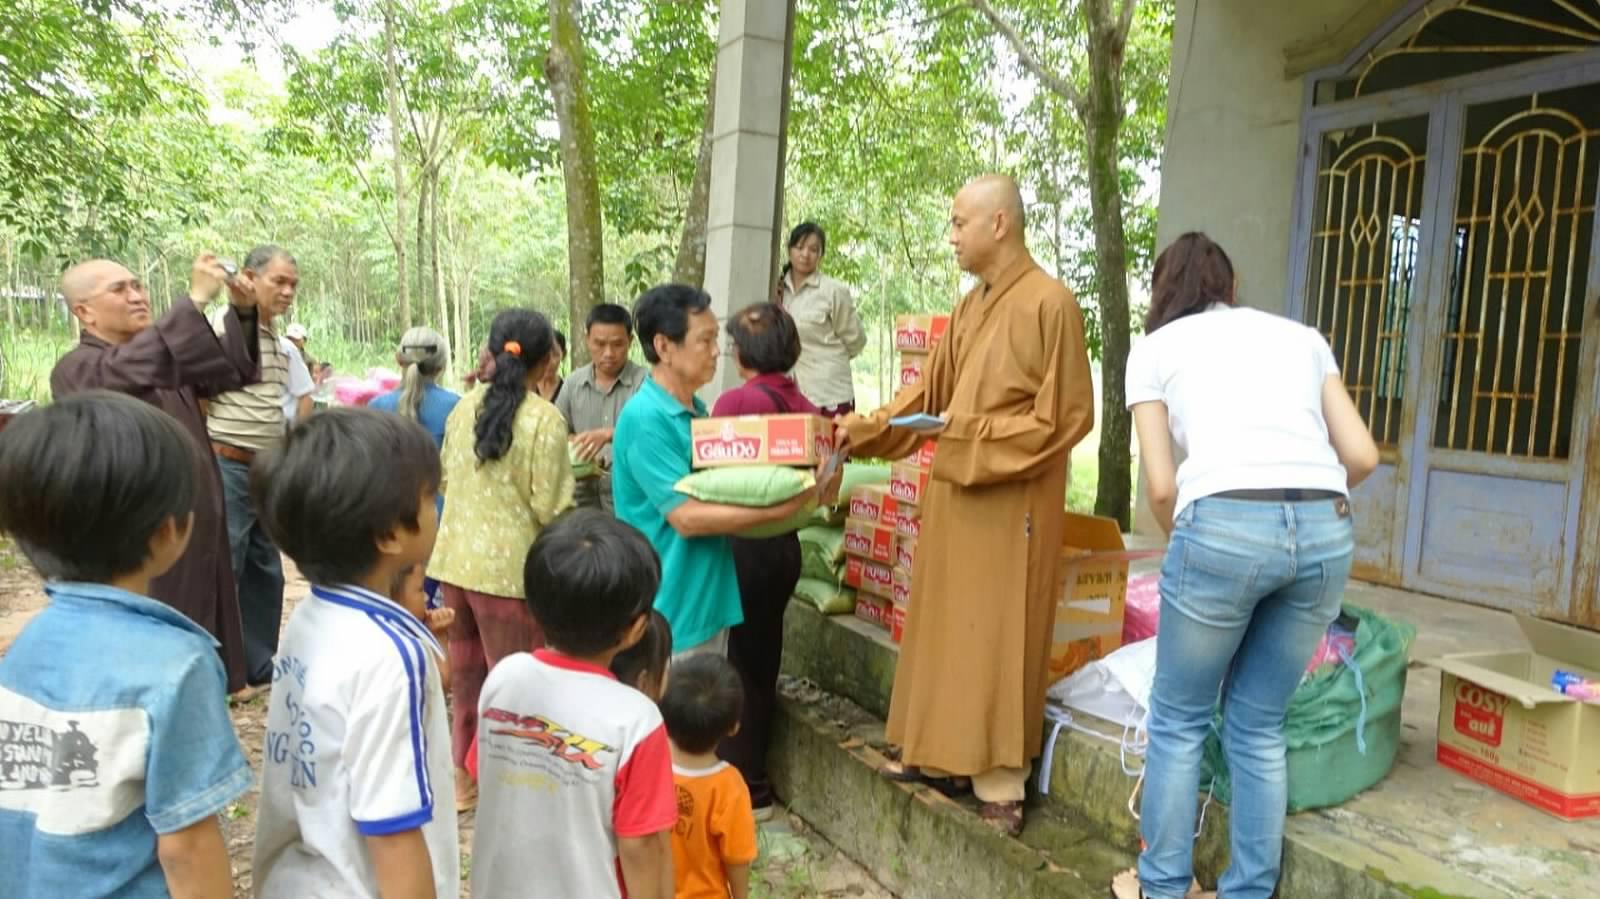 14 Viet kieu Campuchia (01)